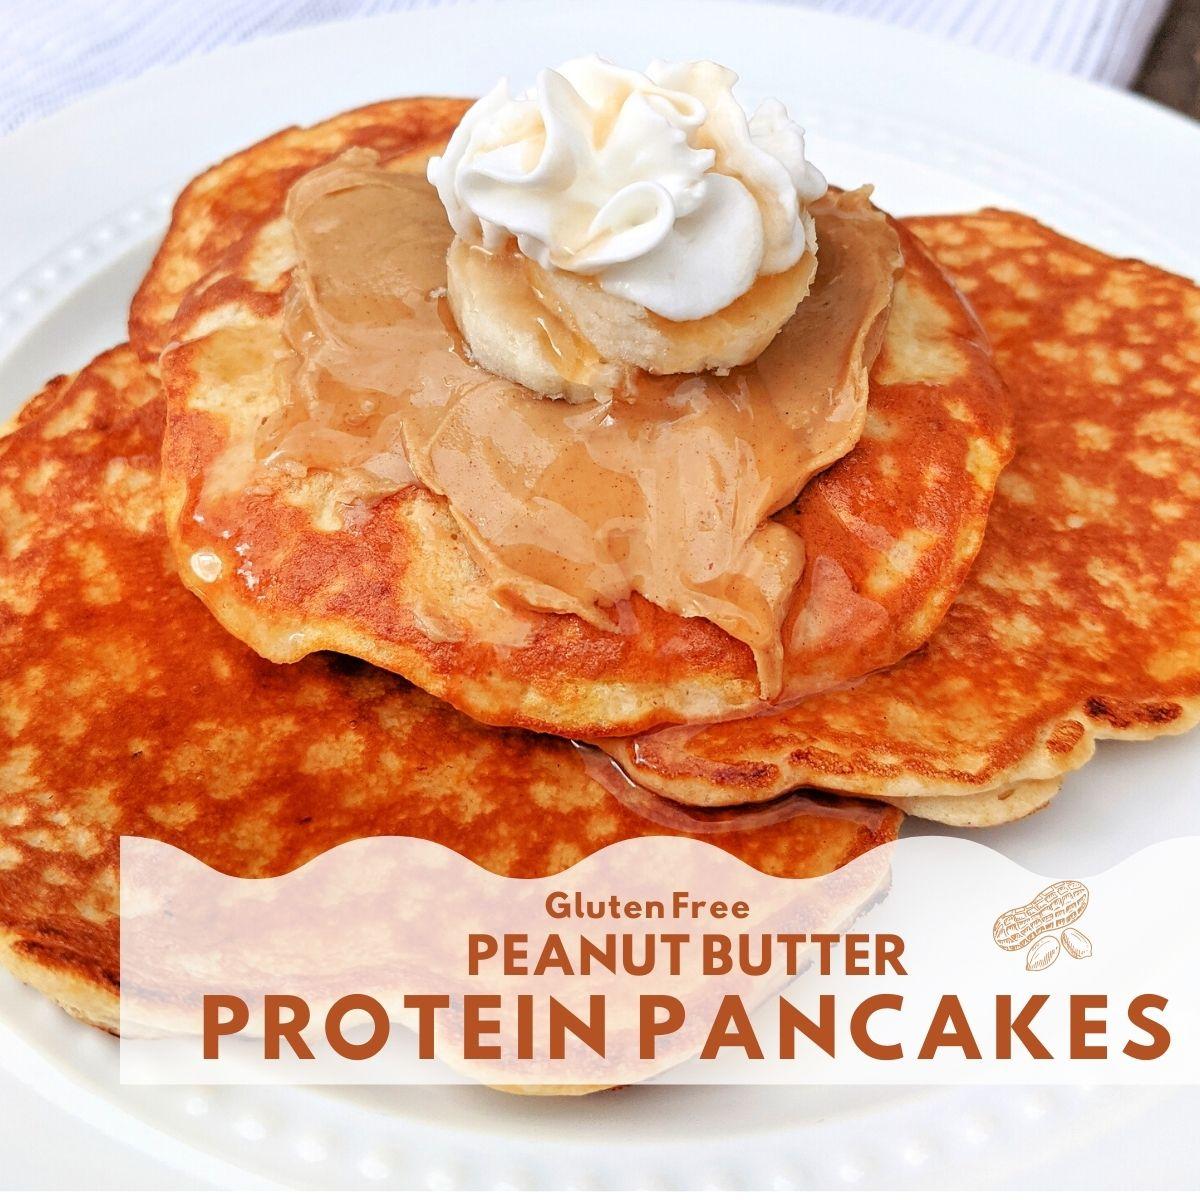 Gluten free peanut butter protein pancakes thumbnail